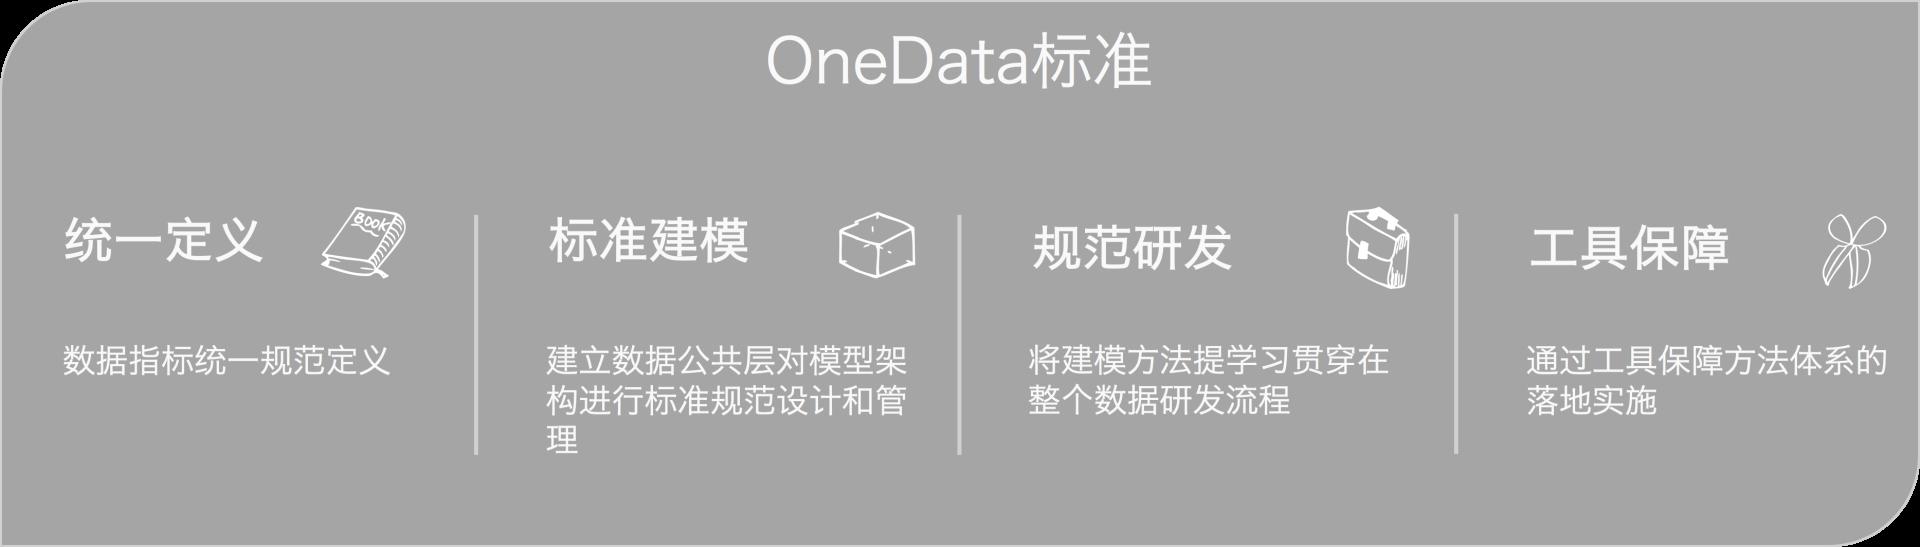 图1 OneData标准